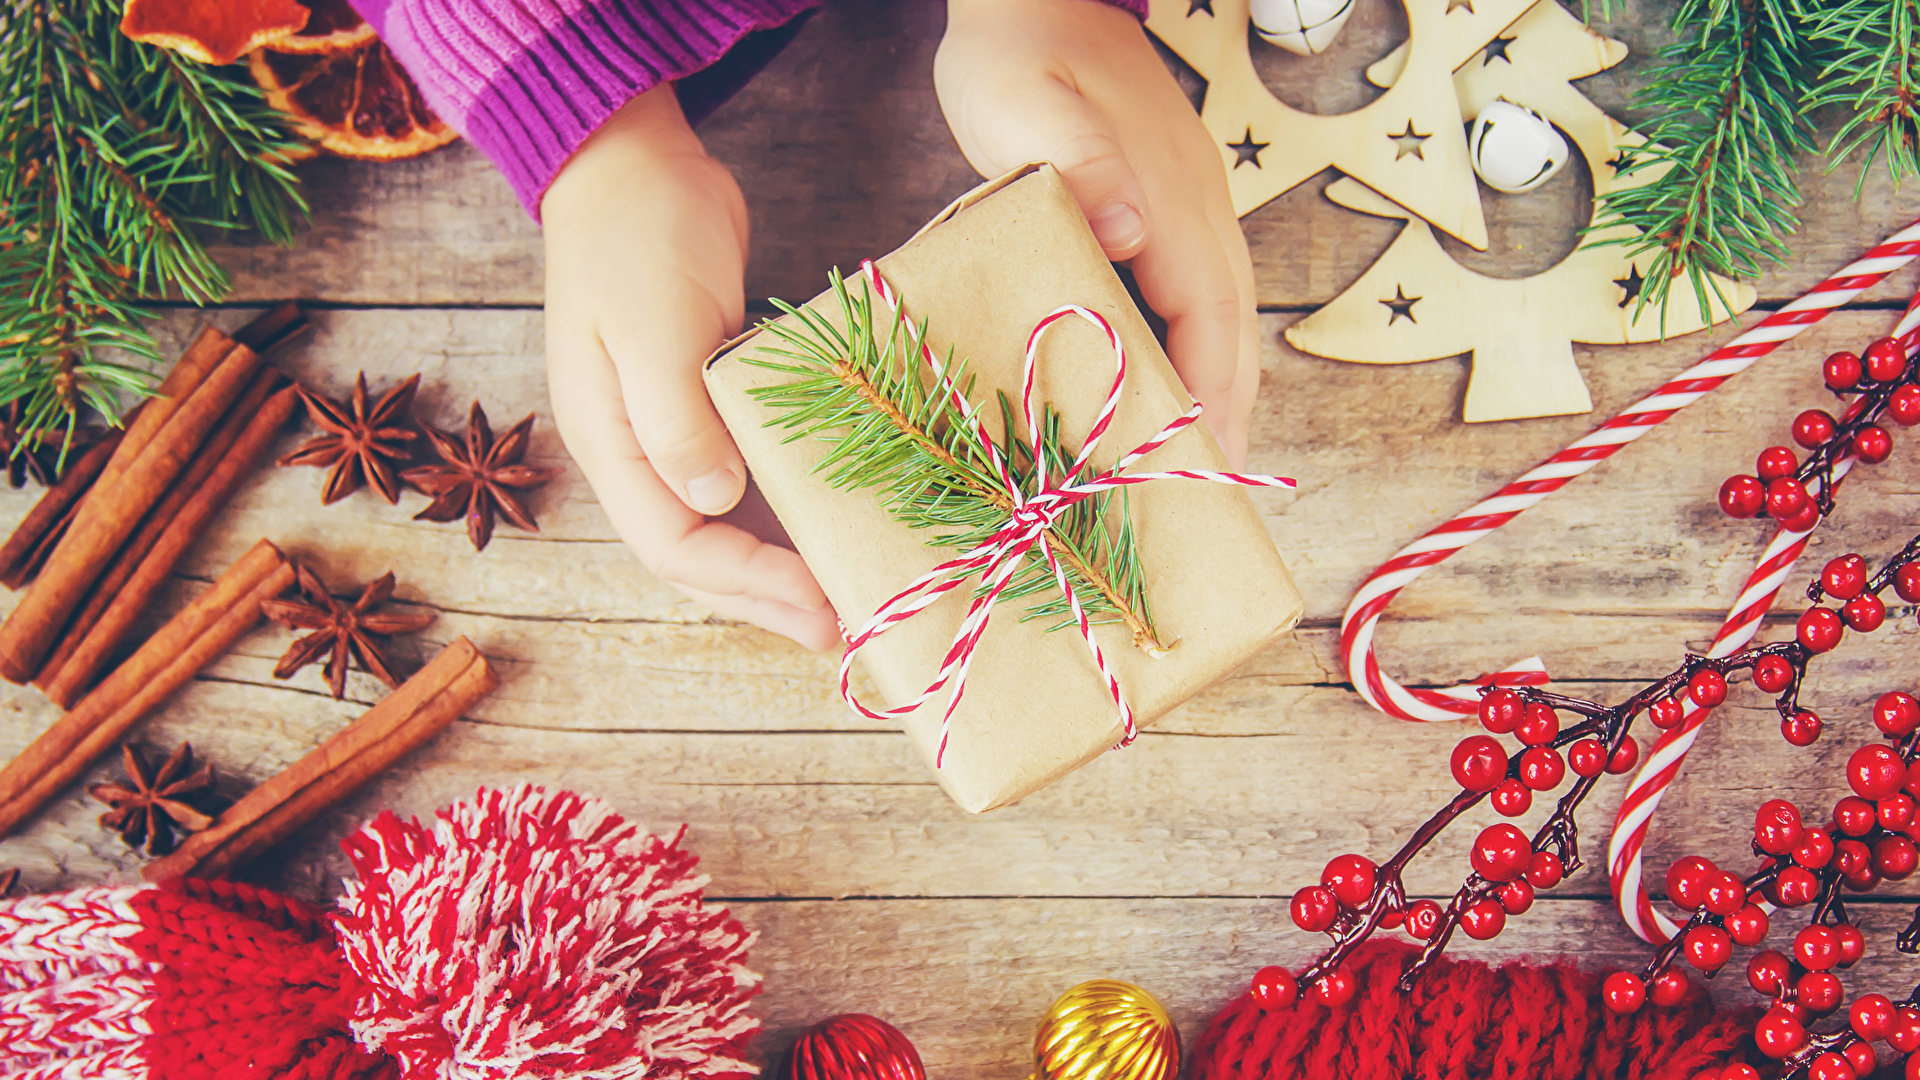 Фотографии Рождество Бадьян звезда аниса Корица Подарки Руки Ягоды сладкая еда Доски 1920x1080 Новый год подарок подарков рука Сладости